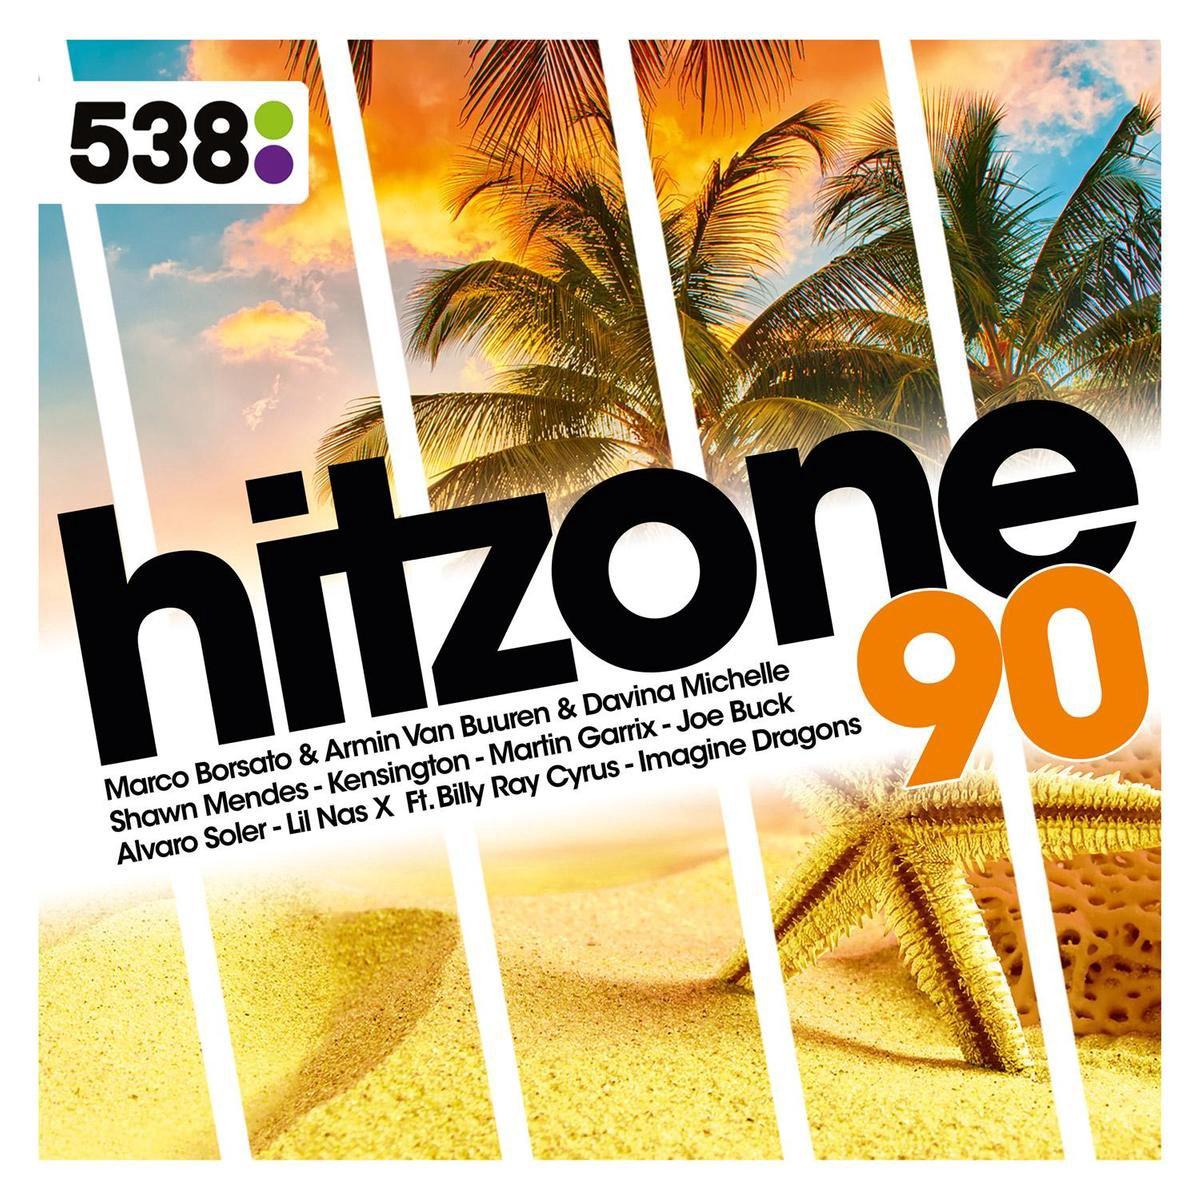 538 Hitzone 90 - Hitzone